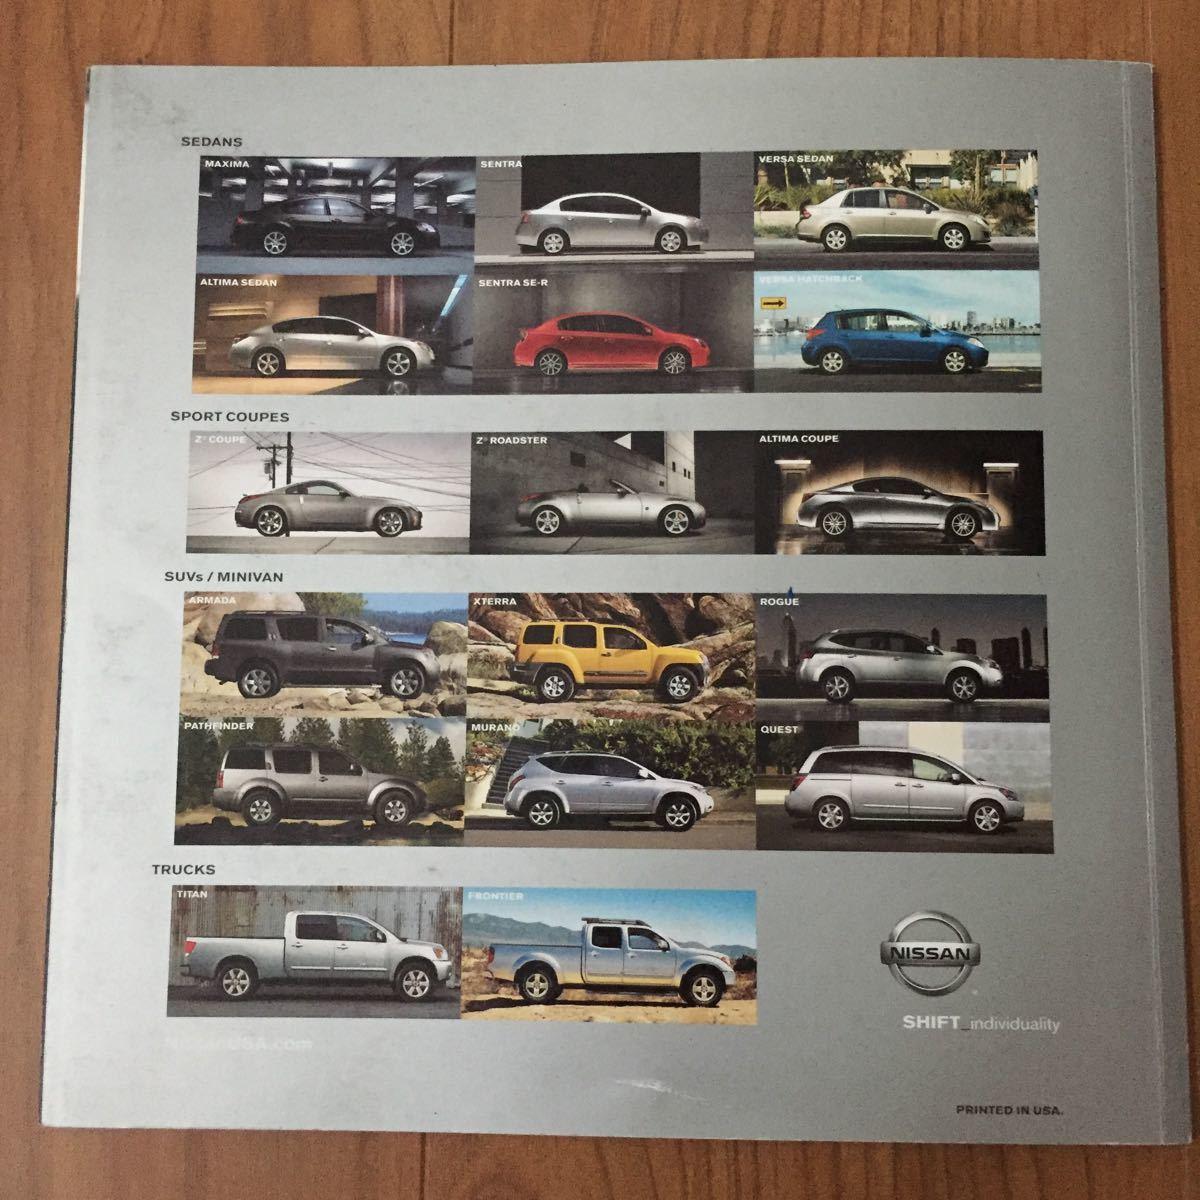 2008 日産 ニッサン アルマーダ Armada アルマダ カタログ USA アメリカ 雑貨 SUV 逆輸入 インフィニティ 広告_画像10